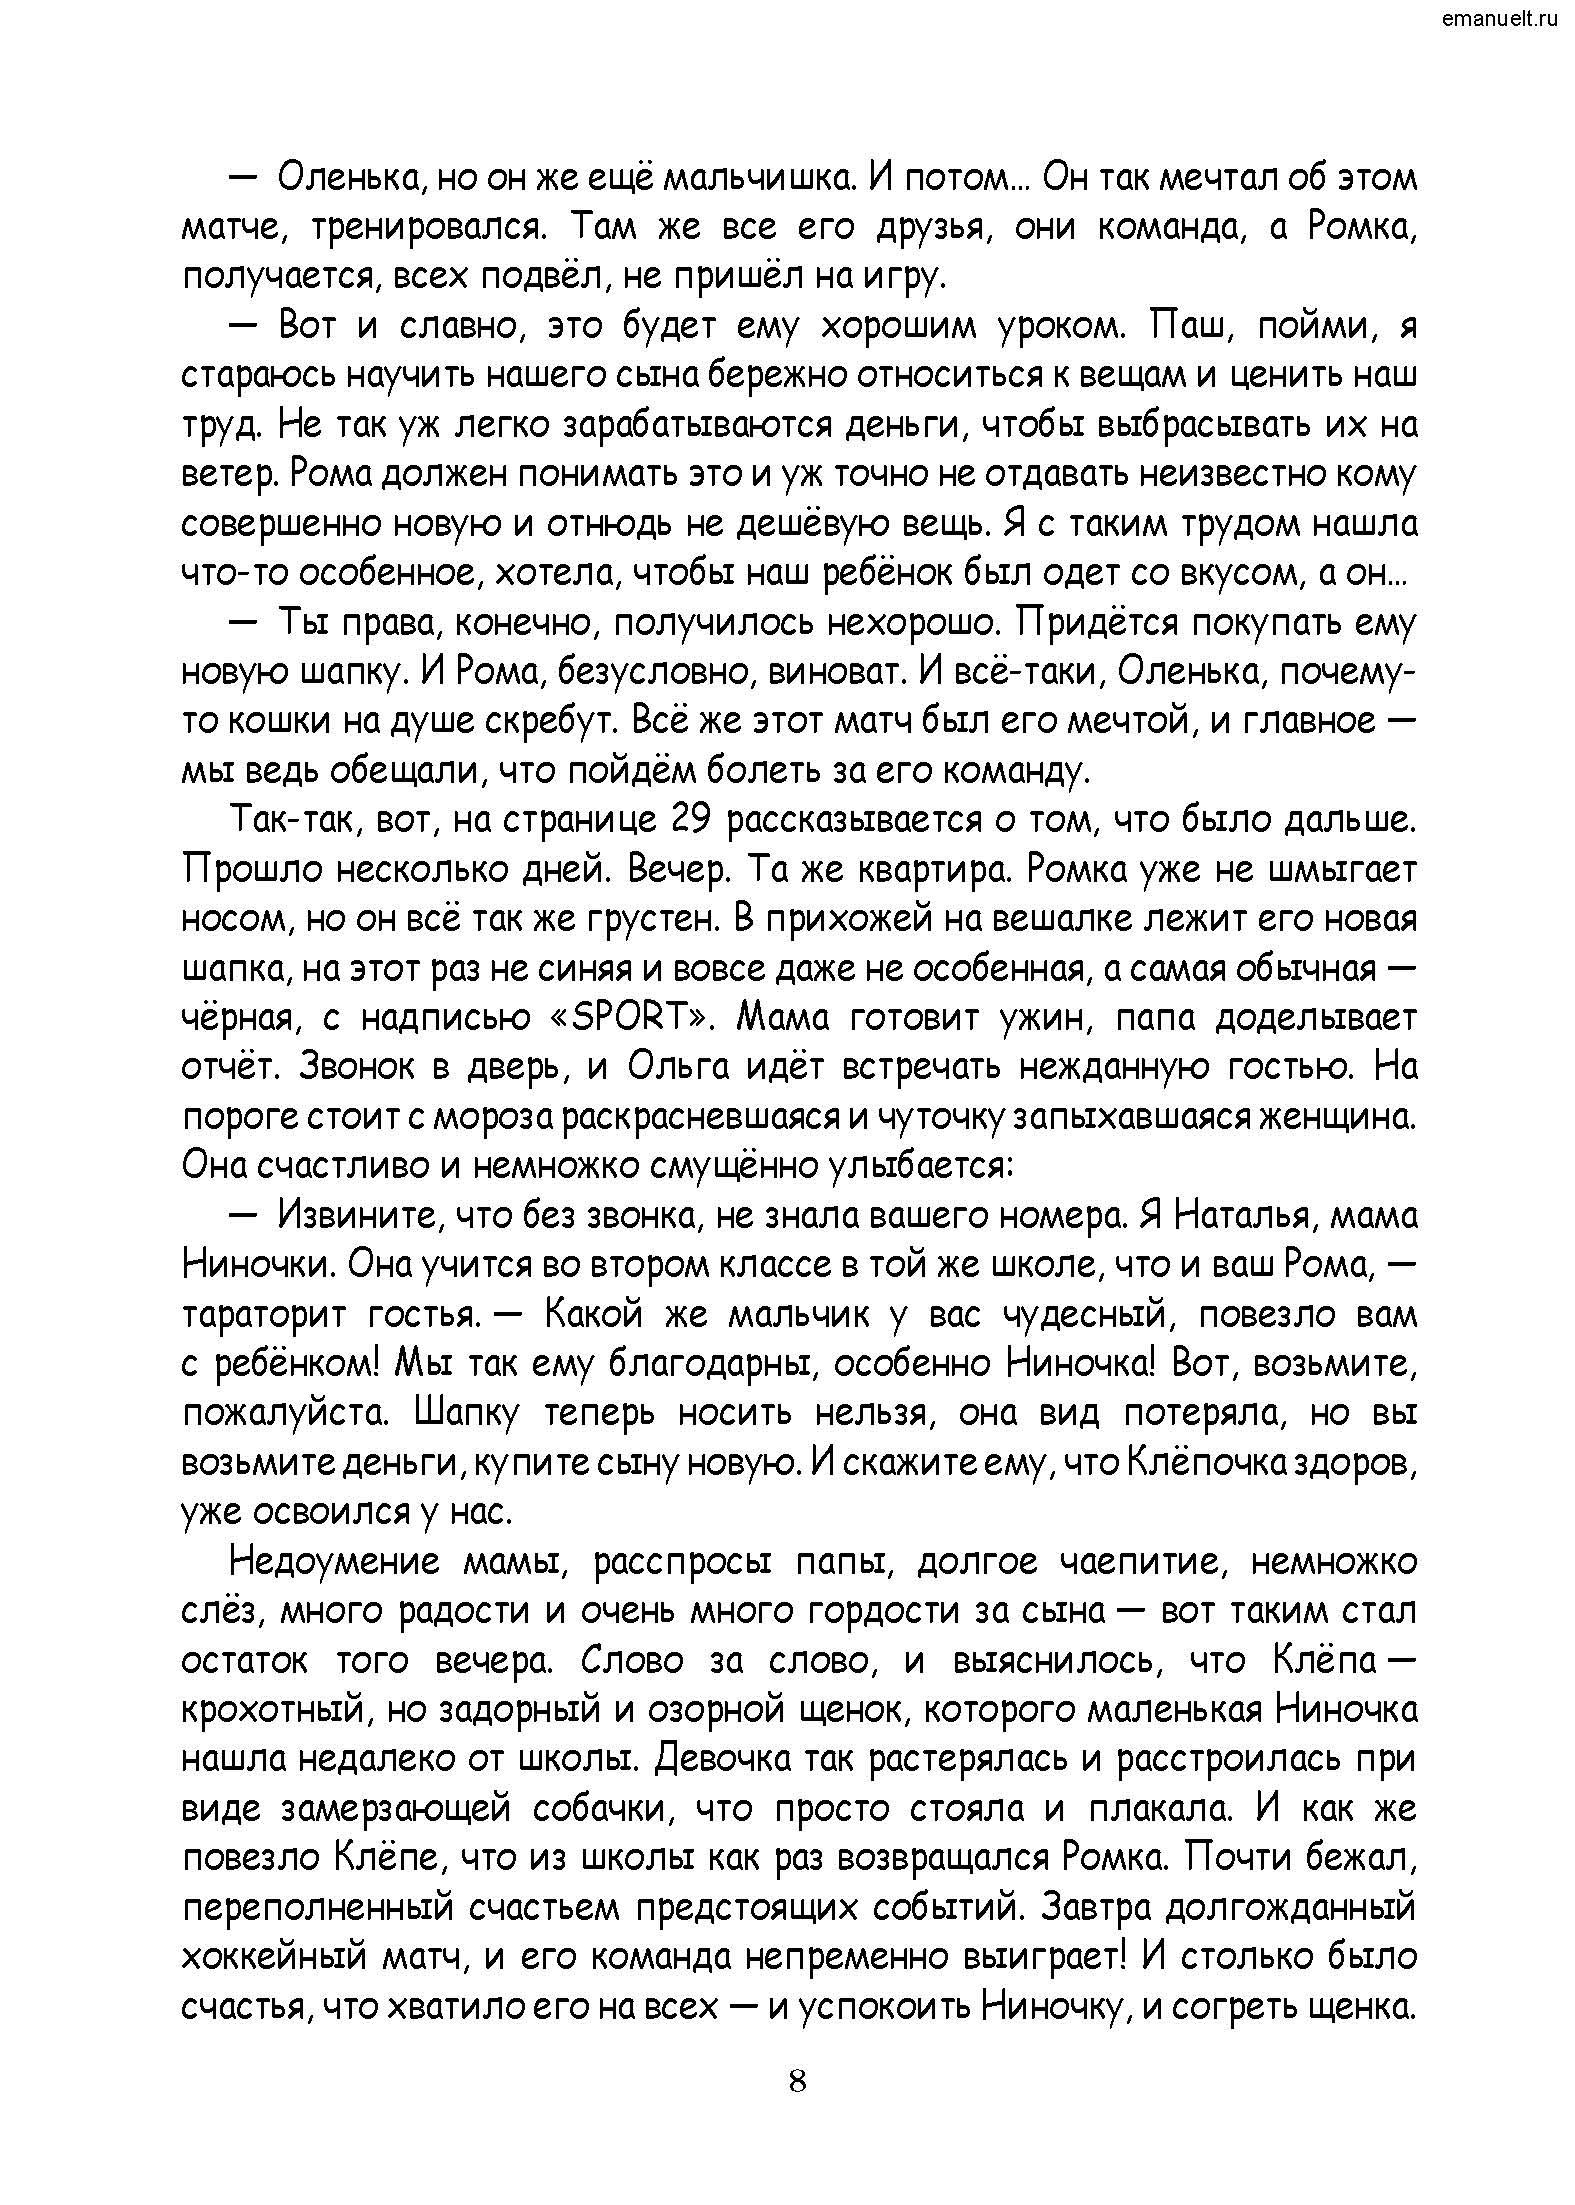 Рассказки в заданиях. emanuelt.ru_Страница_009